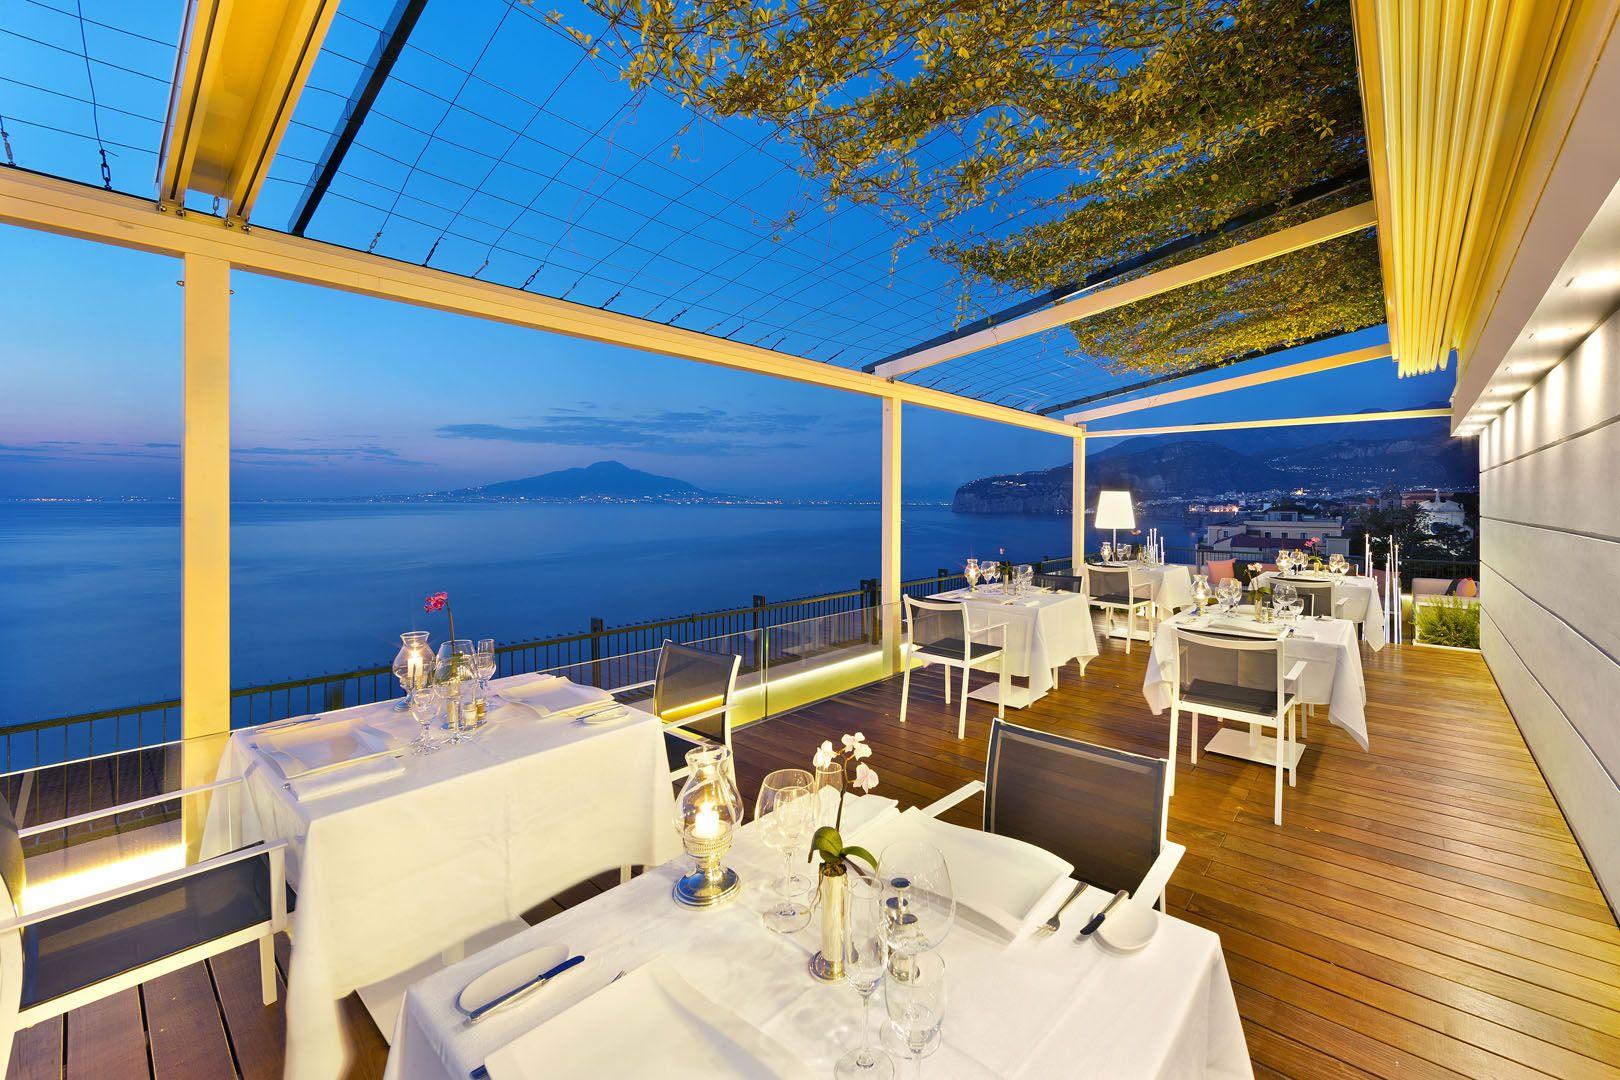 Terrazza Vittoria Ristorante - Hotel Continental Sorrento | We ...